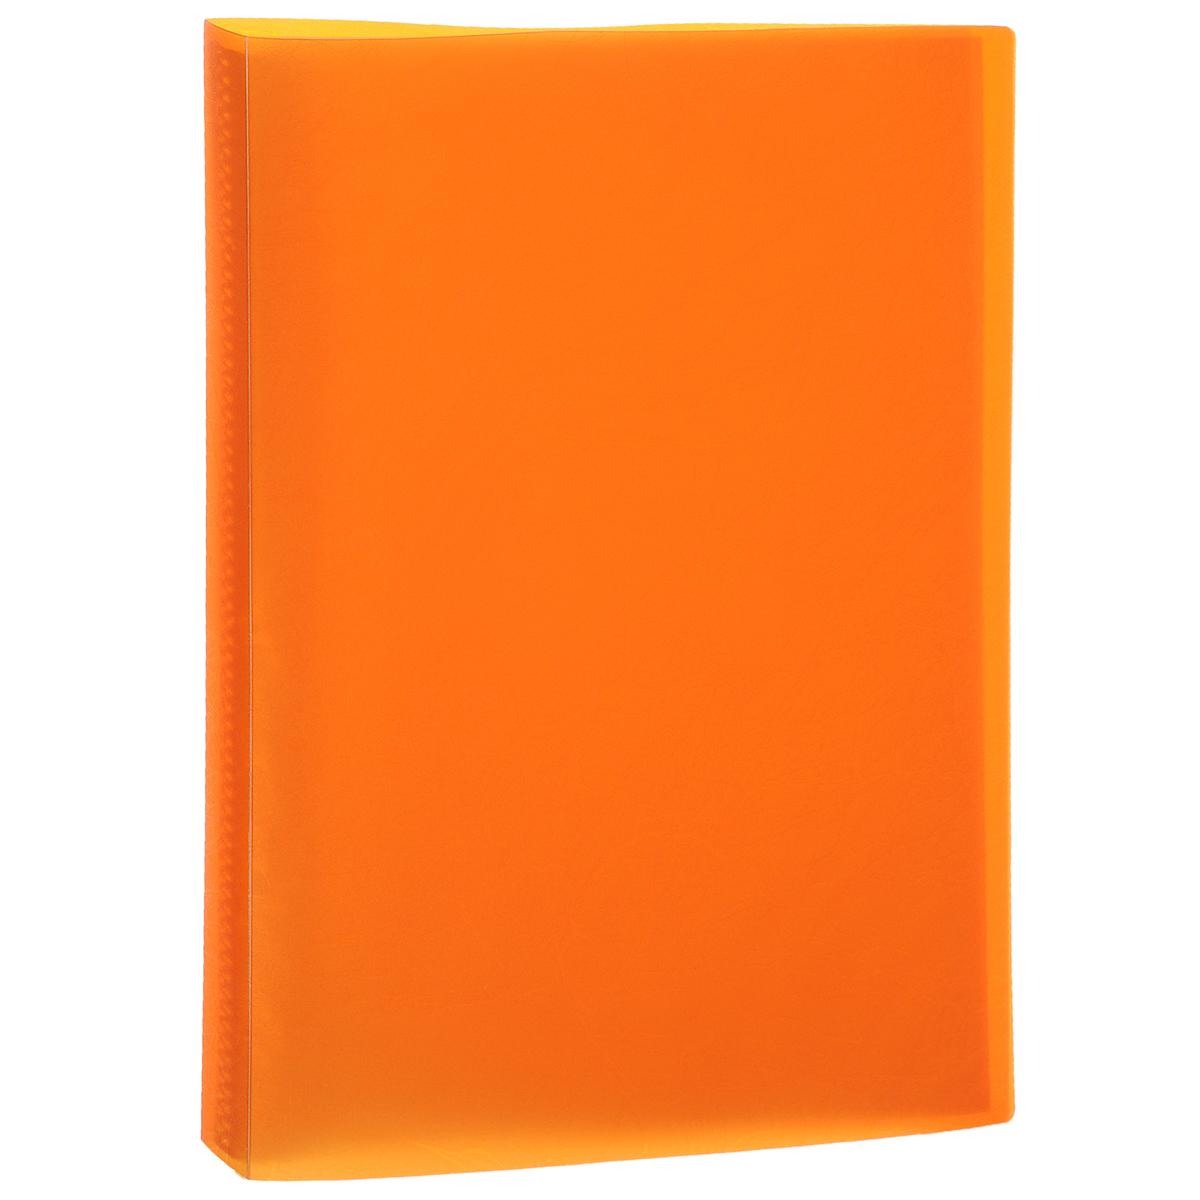 Папка Centrum, 20 файлов, цвет: оранжевый. Формат А4AC-1121RDПапка Centrum - это удобный и функциональный офисный инструмент, предназначенный для хранения и транспортировки рабочих бумаг и документов формата А4.Папка изготовлена из прочного высококачественного пластика и включает в себя 20 прозрачных вкладышей-файлов. Обложка папки оформлена тиснением под кожу. Папка имеет опрятный и неброский вид. Уголки папки имеют закругленную форму, что предотвращает их загибание и помогает надолго сохранить опрятный вид обложки.Папка - это незаменимый атрибут для любого студента, школьника или офисного работника. Такая папка надежно сохранит ваши бумаги и сбережет их от повреждений, пыли и влаги.